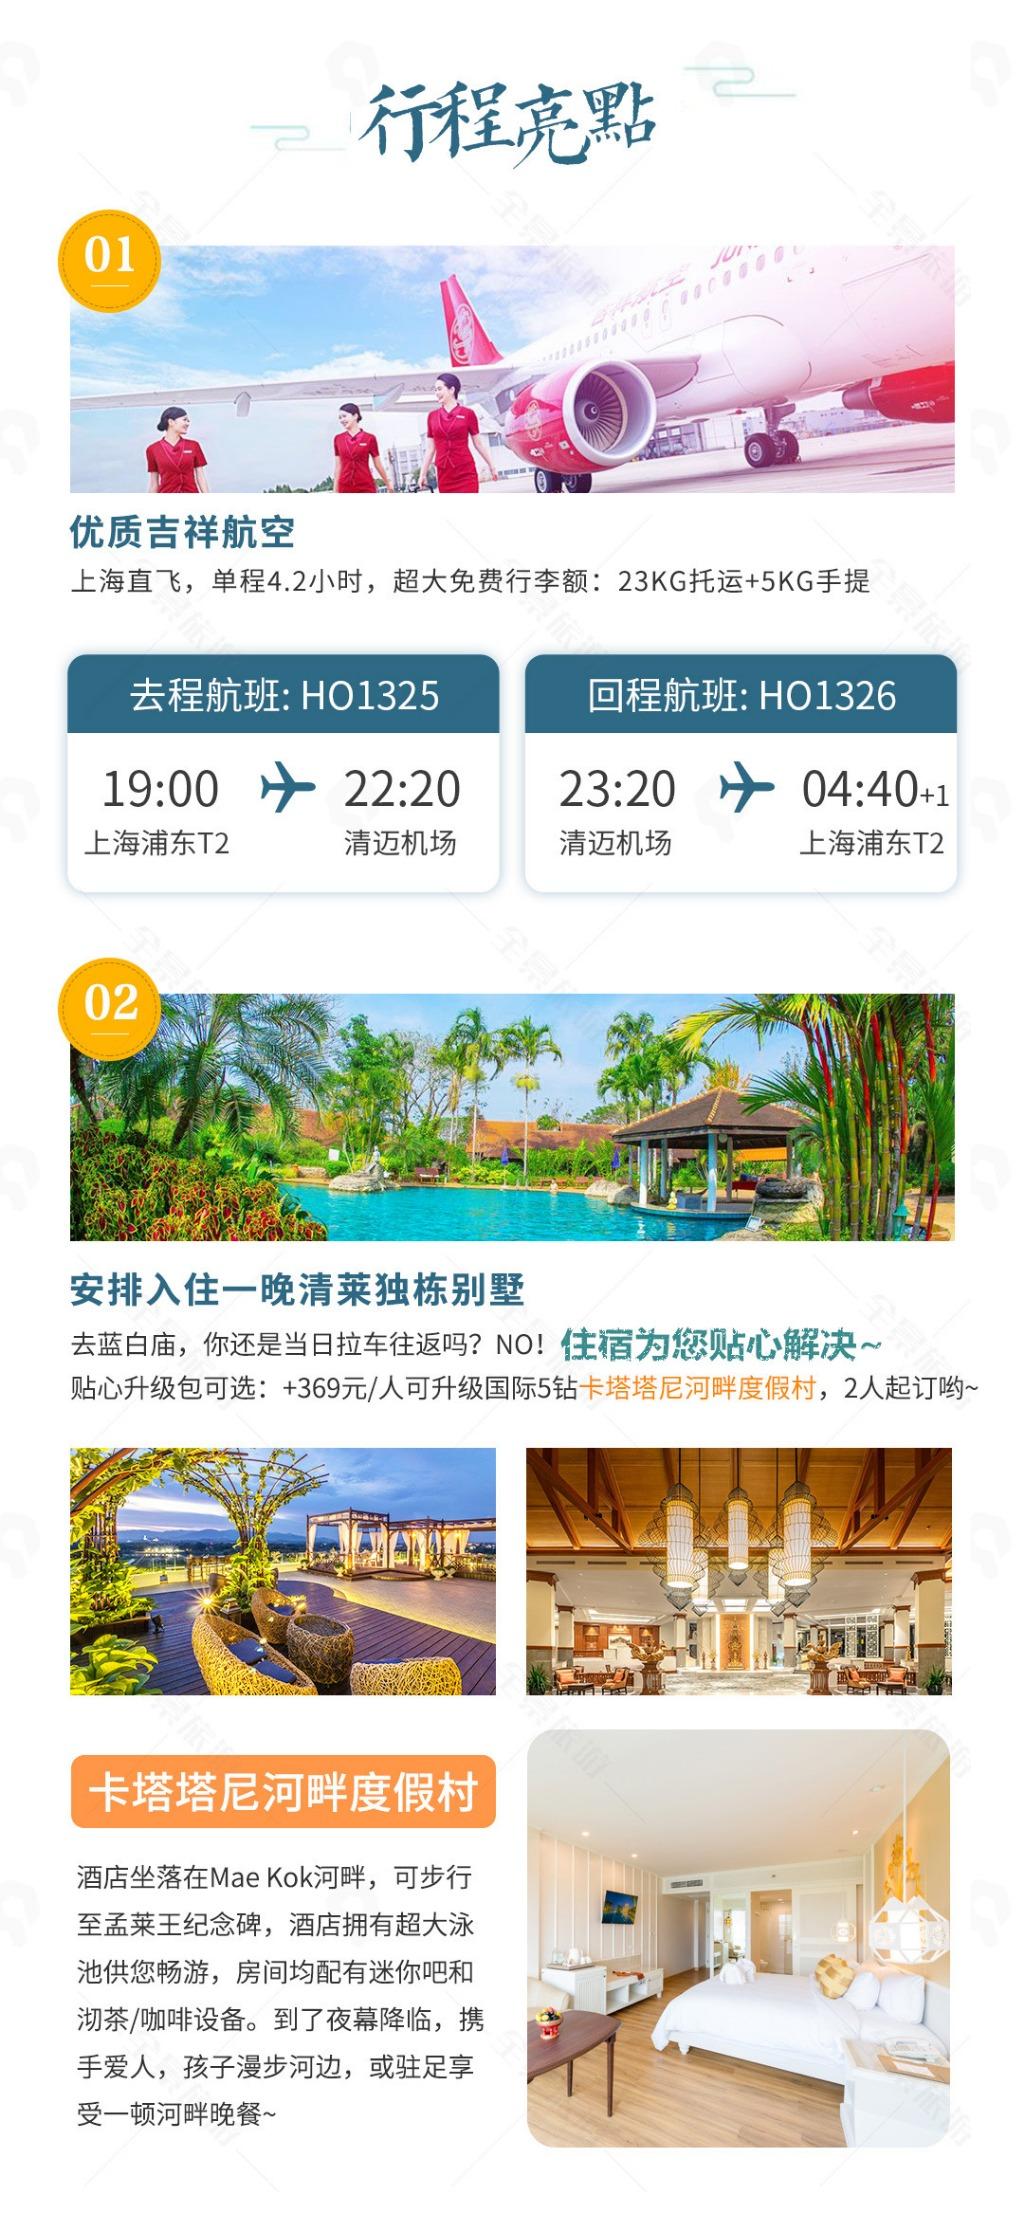 里拉下午茶+邓丽君酒店自助餐』升1晚清莱泳别墅海景整套的三亚图片